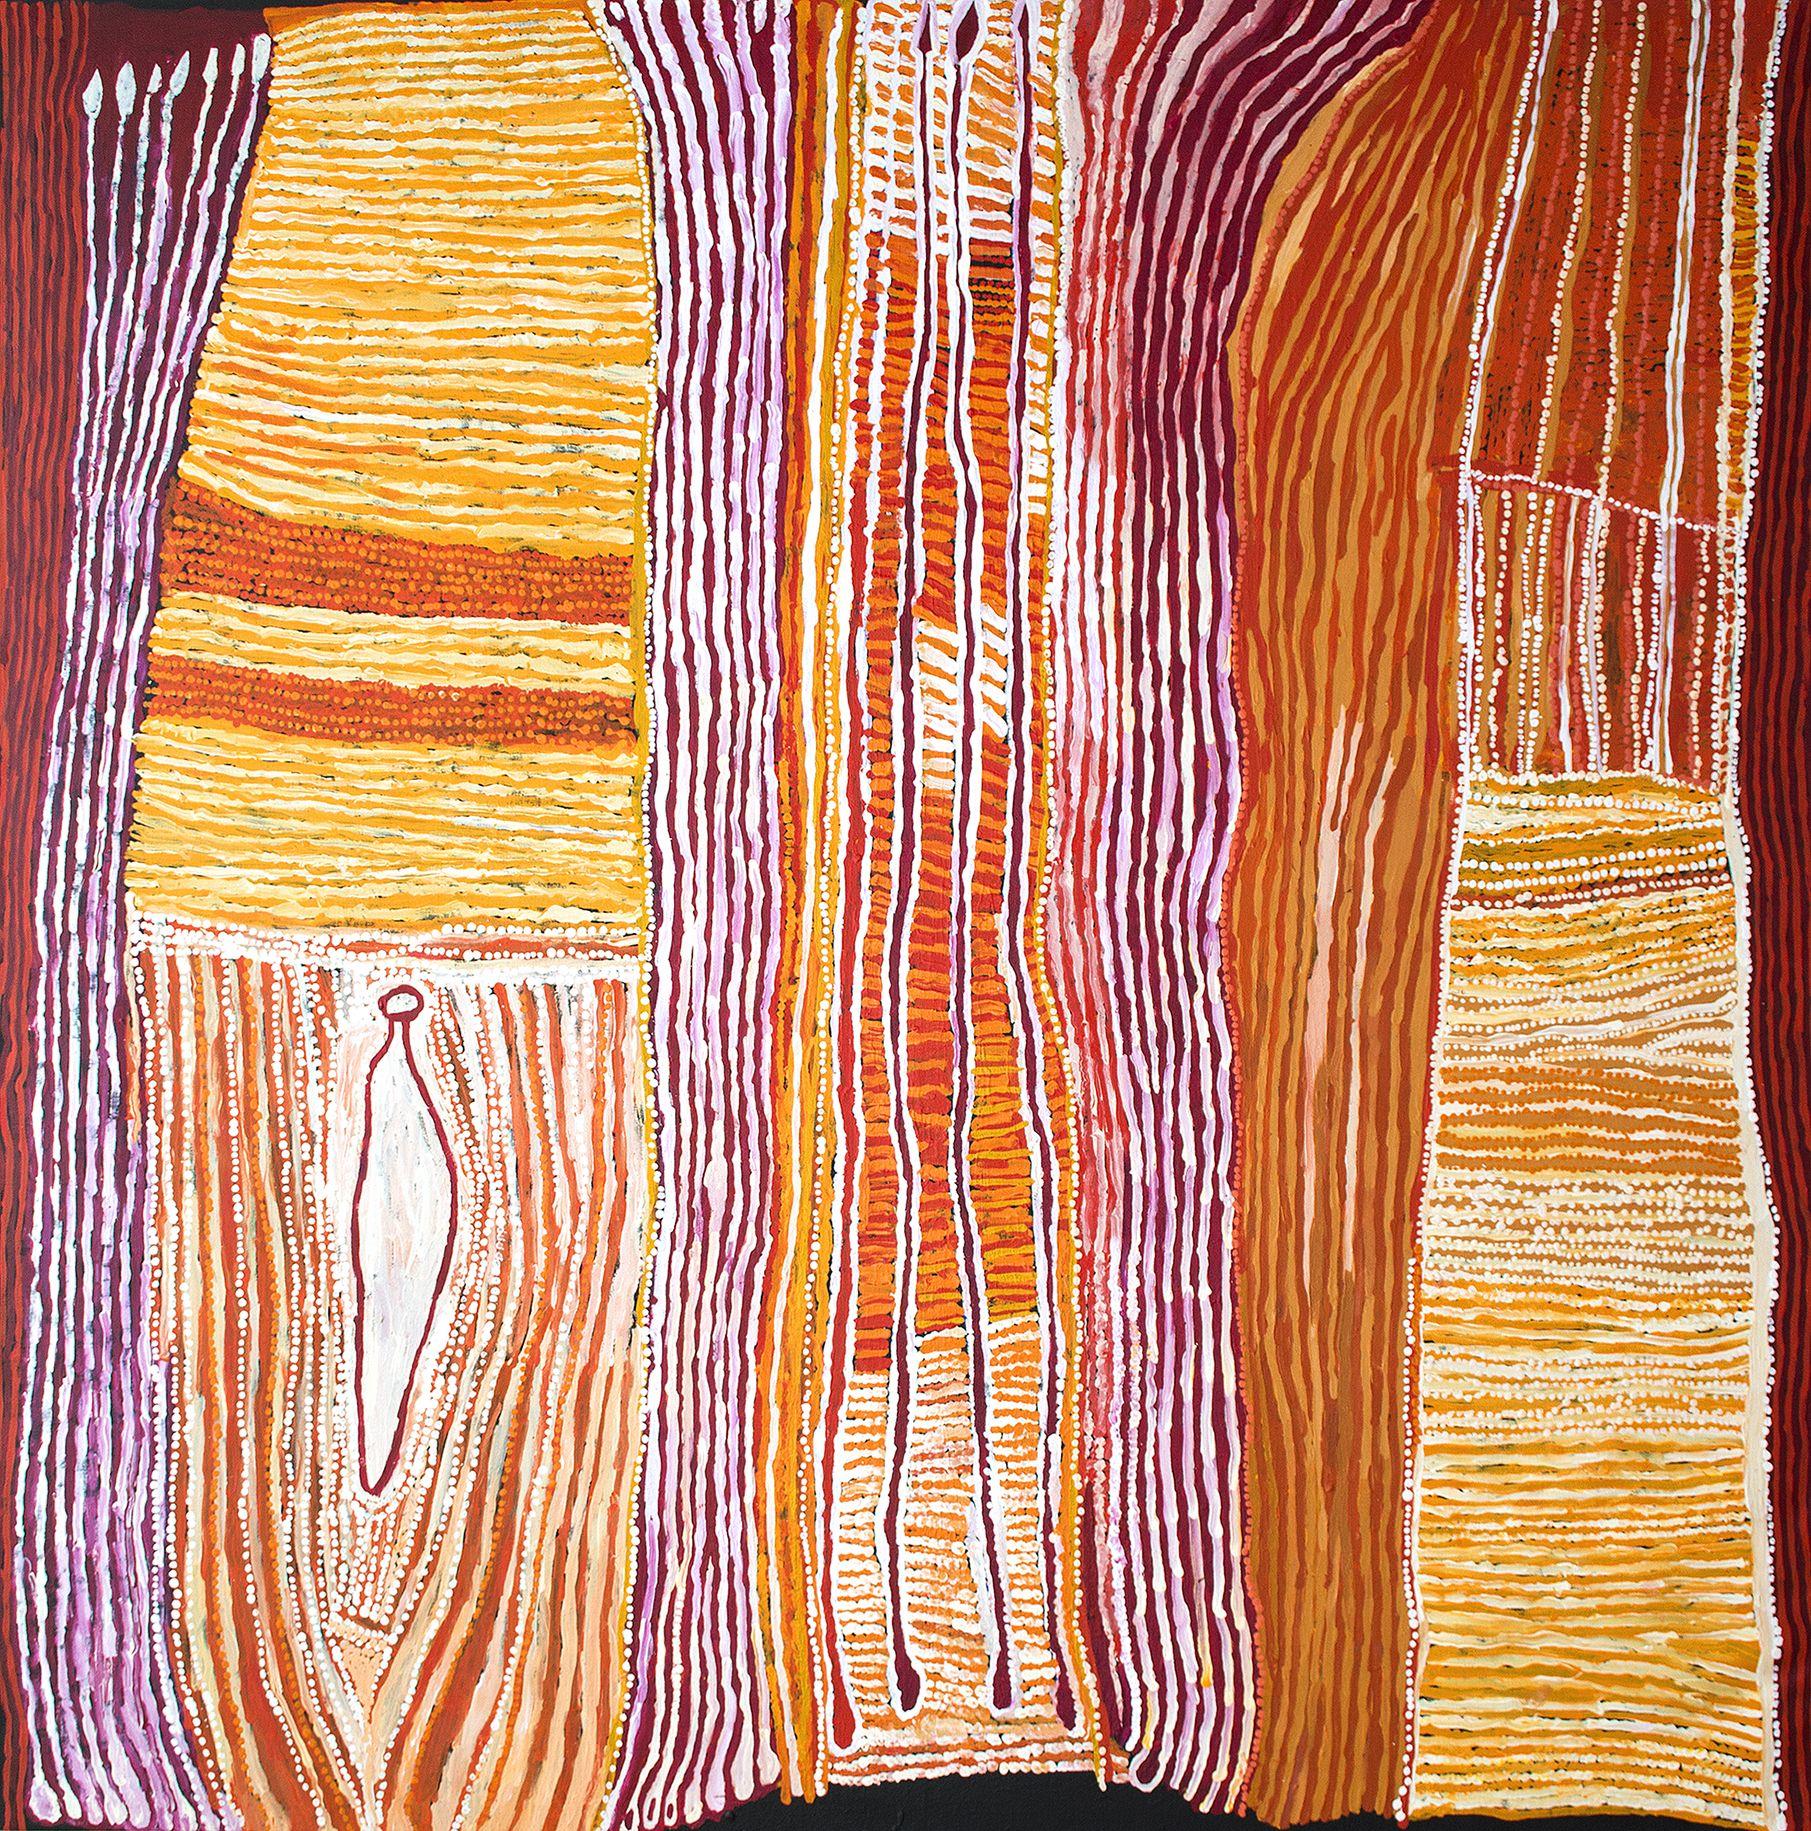 Œuvre de l'artiste Ray Ken. Titre : Tali Sand Hills. Format : 197 x 198 cm. © Aboriginal Signature Estrangin gallery, avec l'autorisation de l'artiste et de Tjala Arts Center